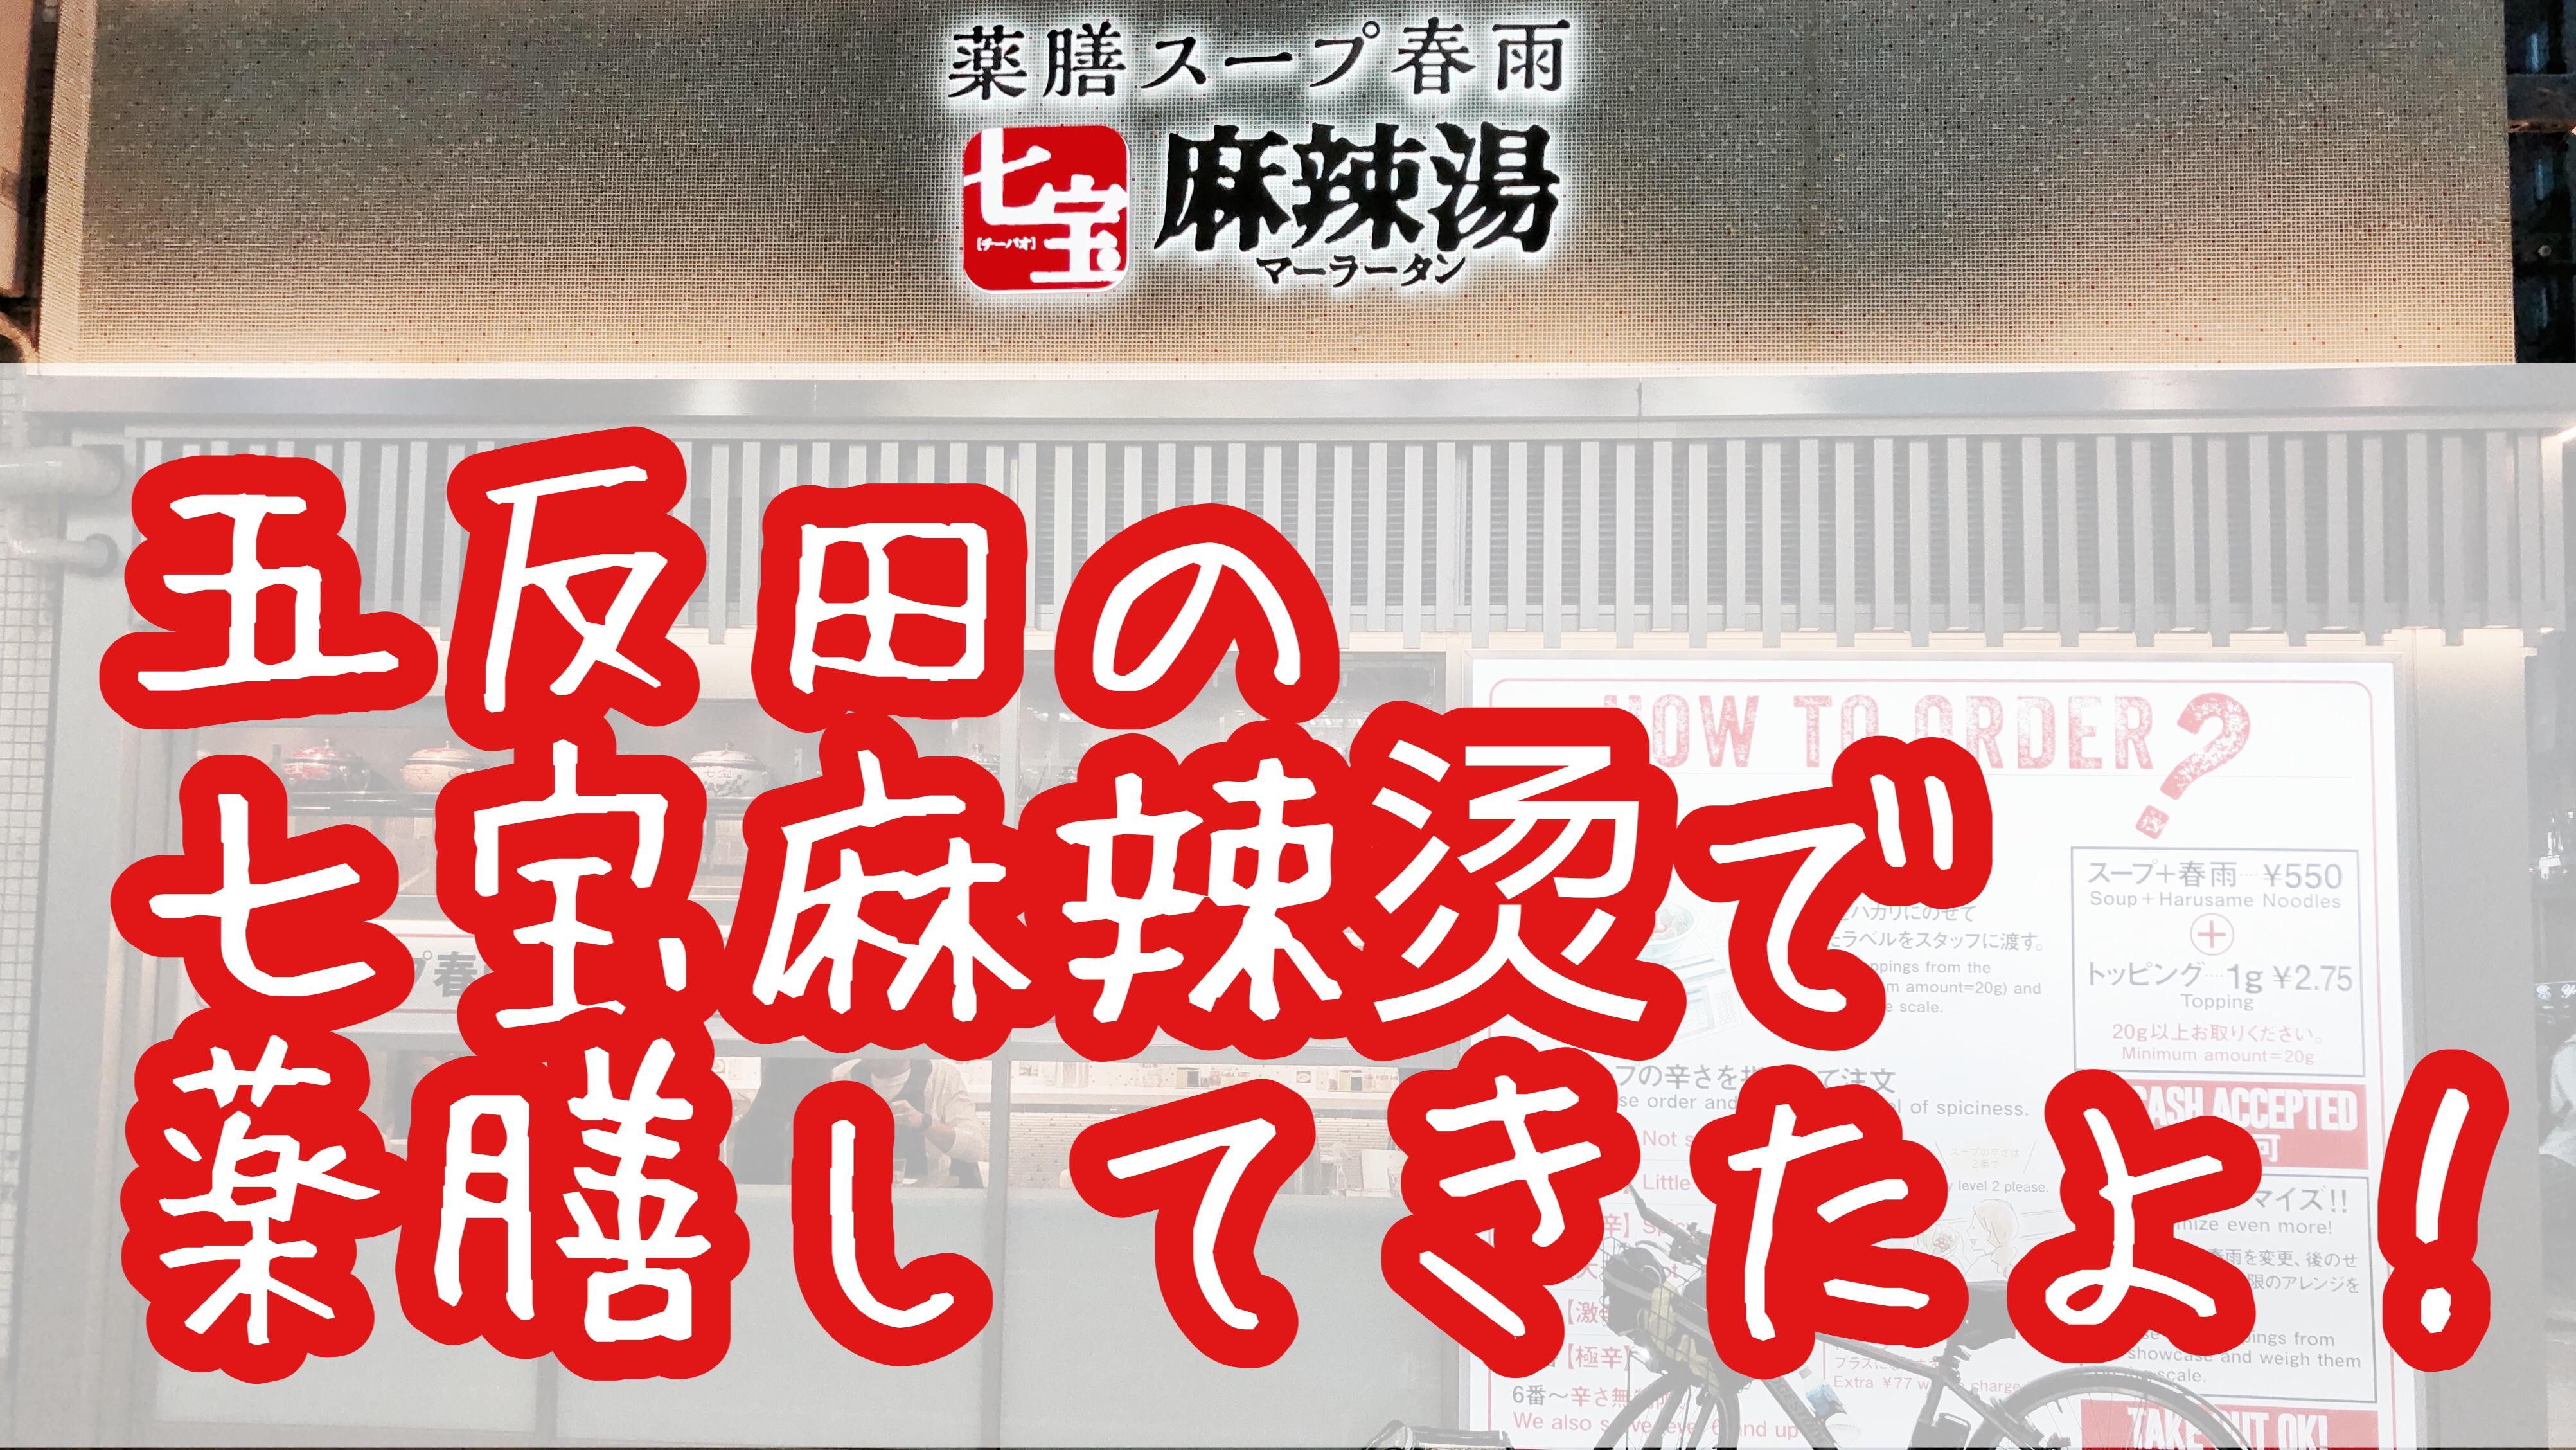 五反田の薬膳春雨スープ・七宝麻辣湯(マーラータン)